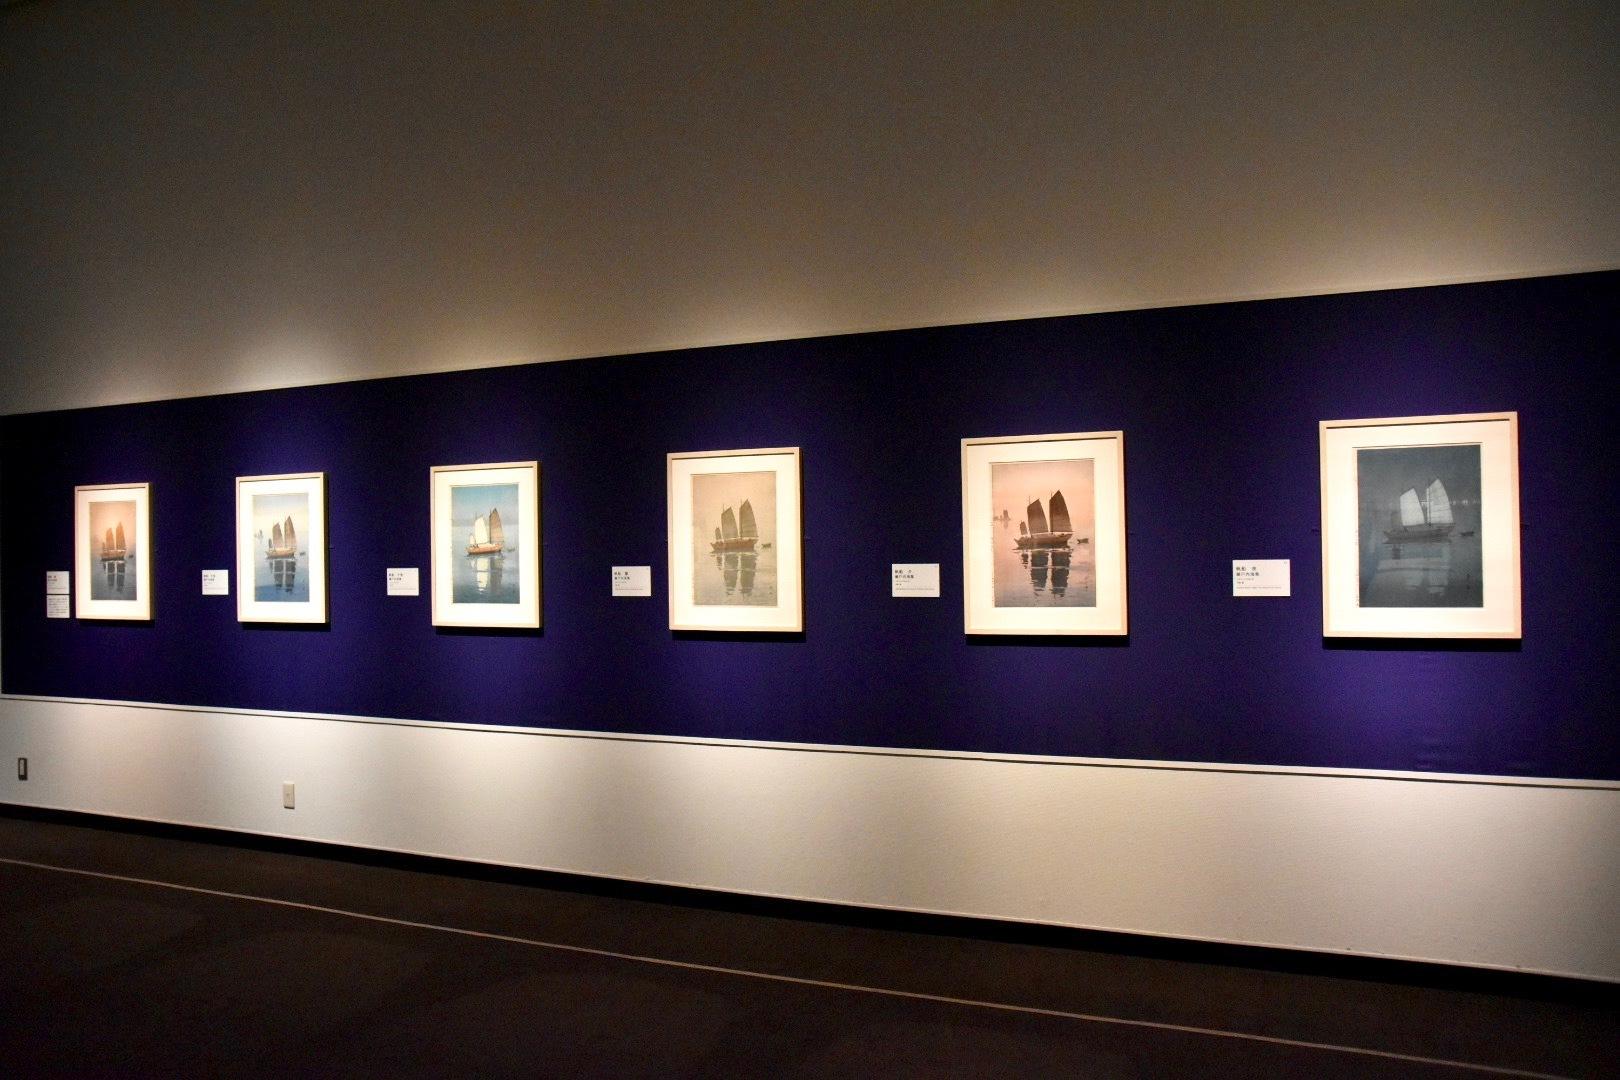 『瀬戸内海集 帆船』シリーズ 左から:《朝》《午前》《午後》《霧》《夕》《夜》いずれも1926年  摺色を替える技法を、吉田は「別摺(べつずり)」と呼んだ。